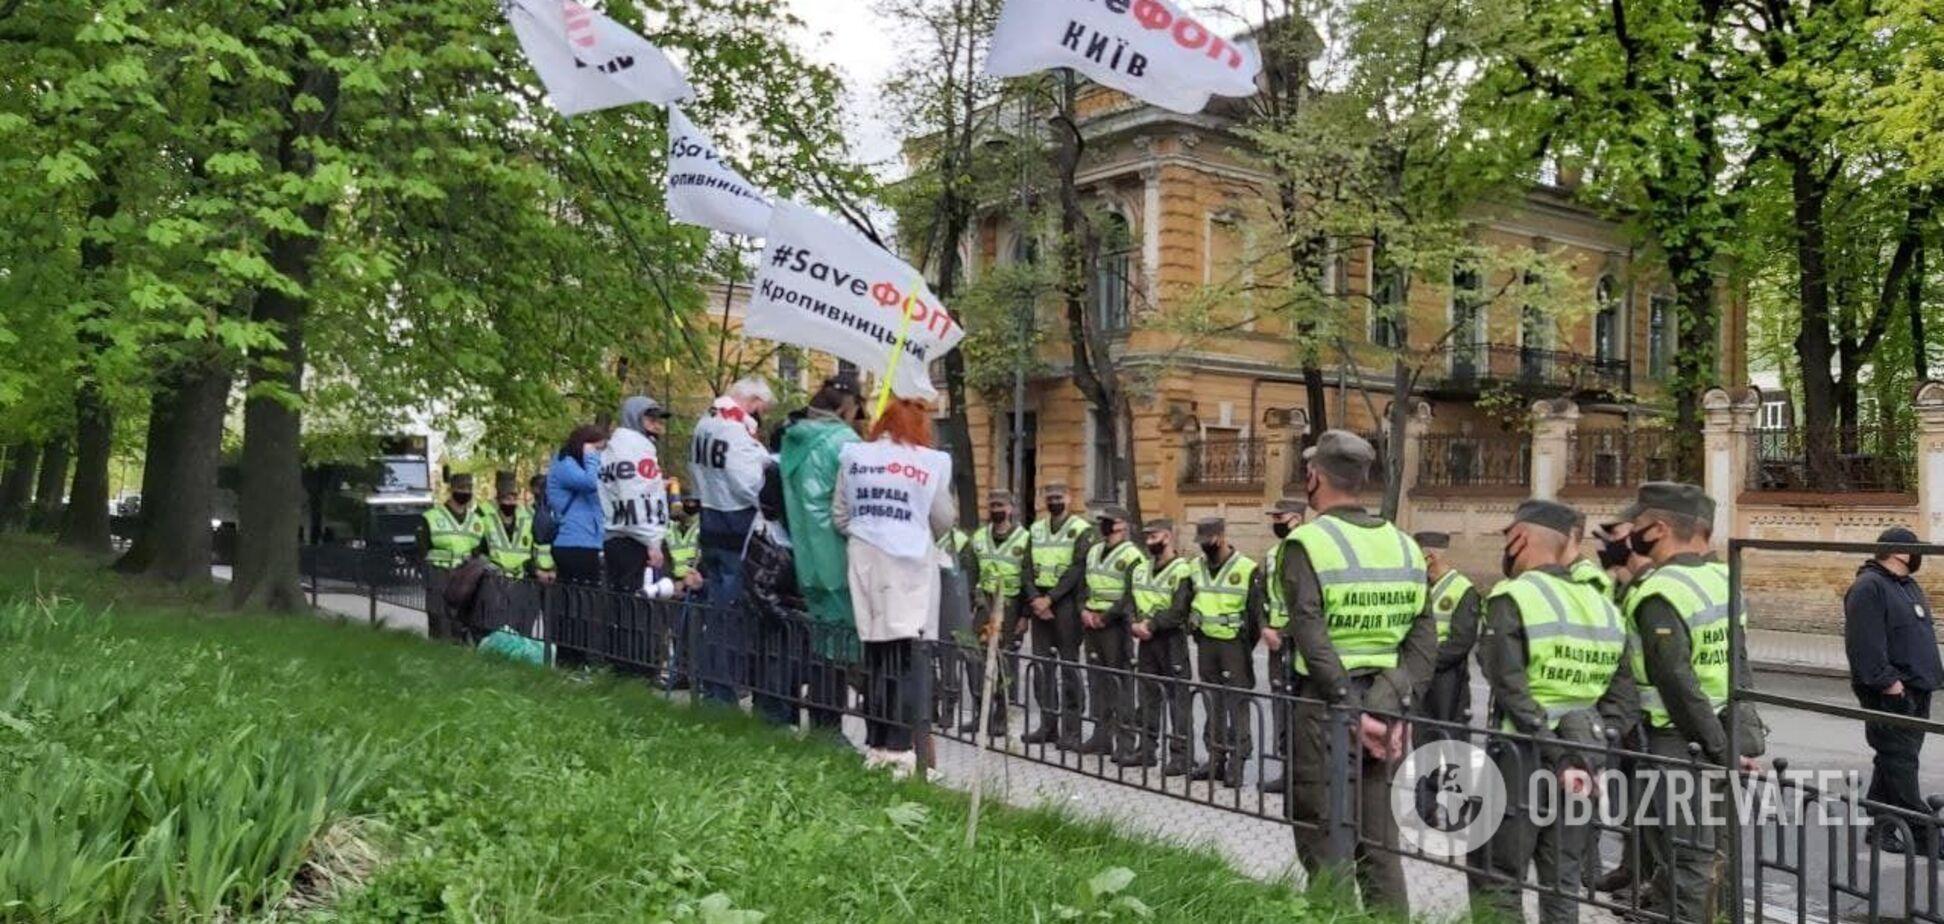 В Киеве 'ФОПы' устроили противостояние с полицией: есть задержанные. Видео